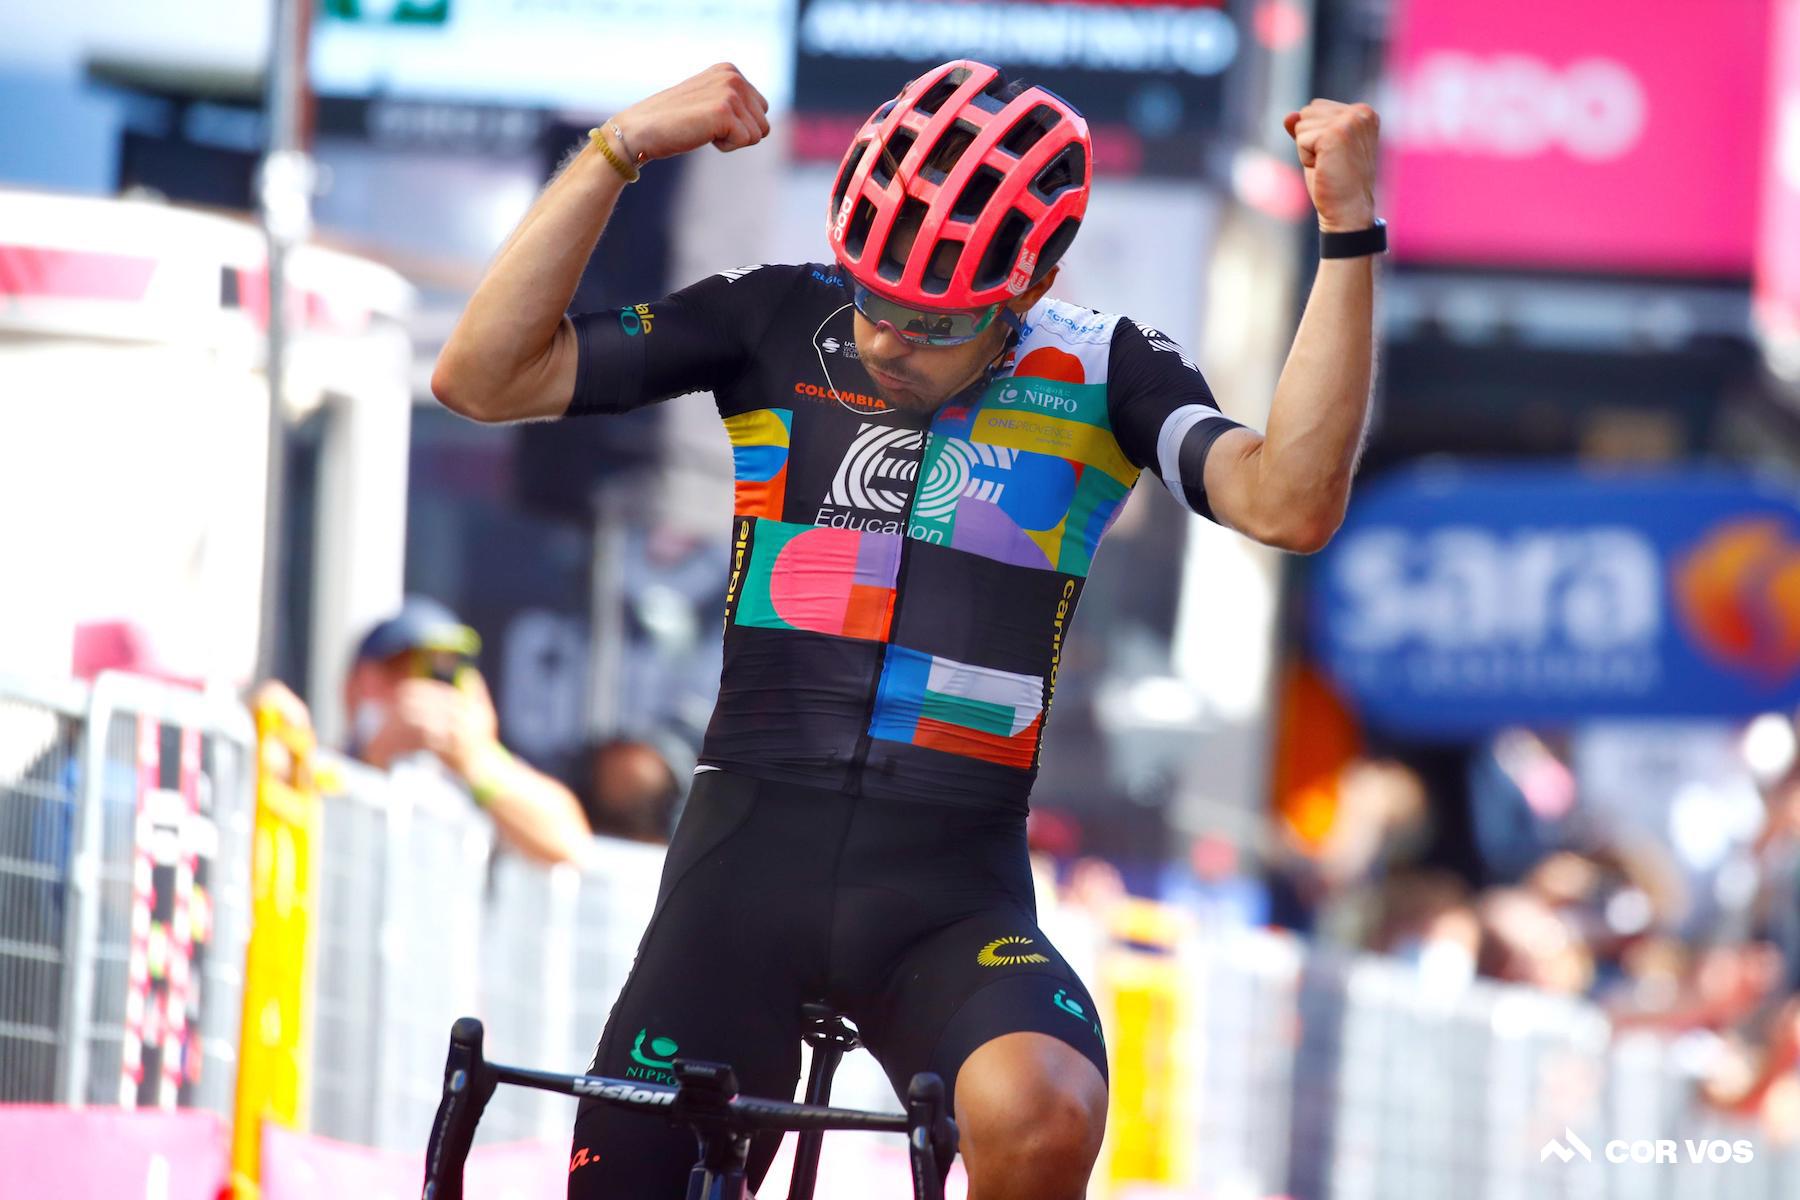 Bettiol vince la 18a tappa del Giro d'Italia dalla fuga